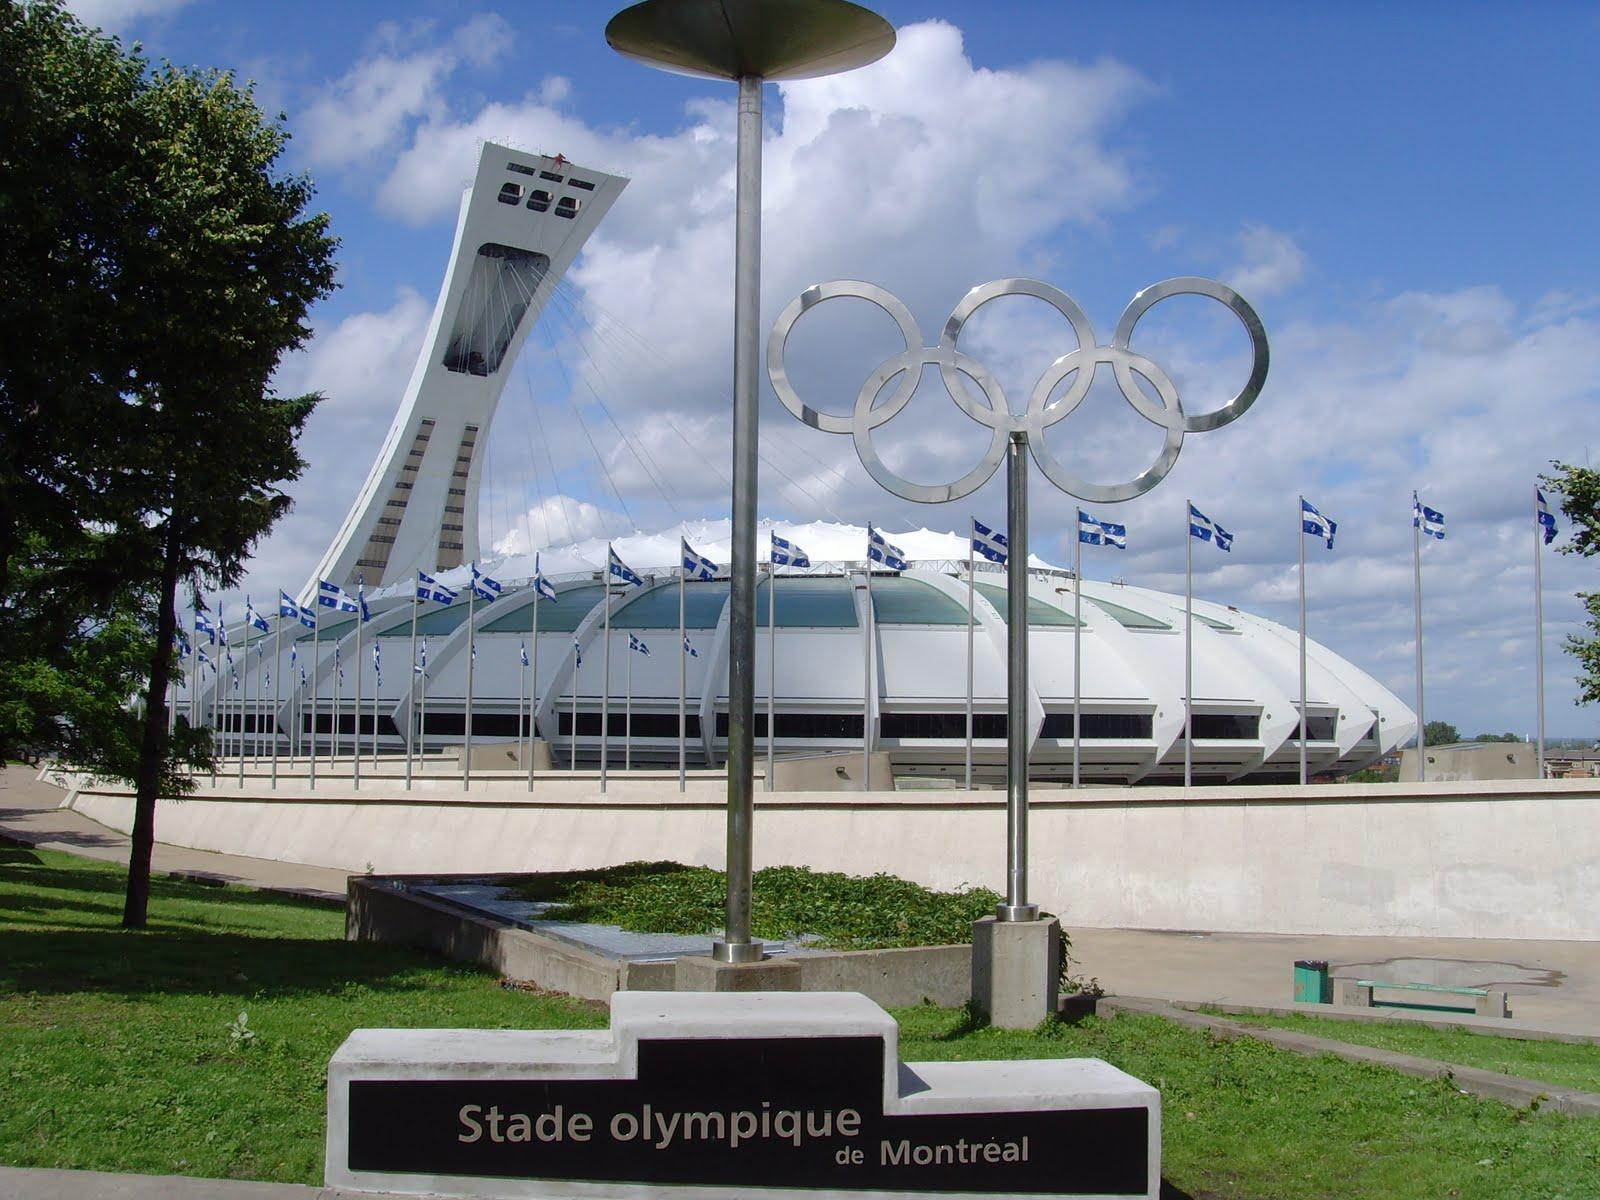 Je me souviens le stade olympique de montreal - Piscine du stade olympique ...